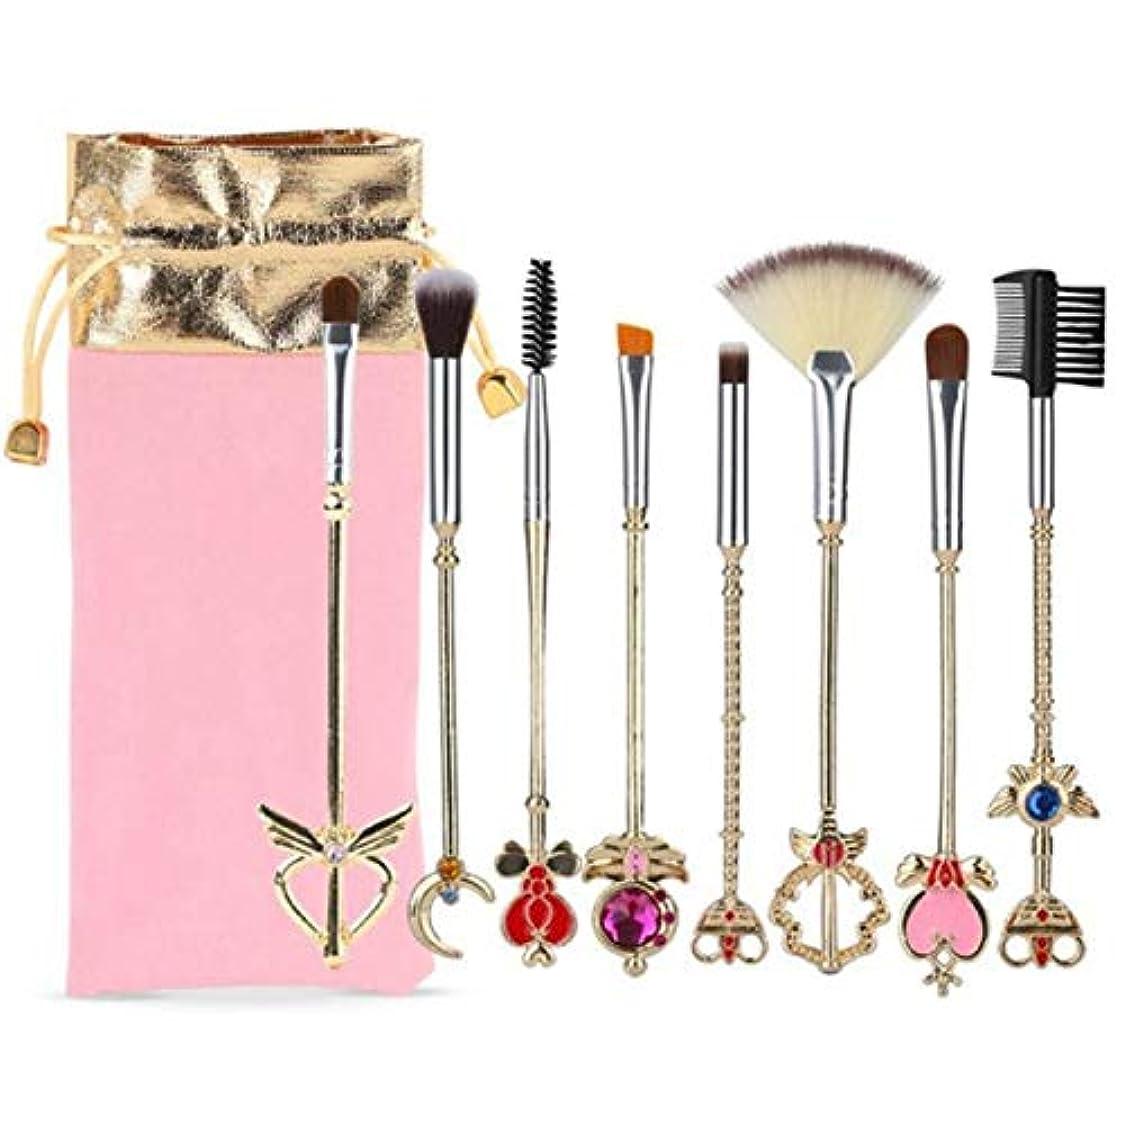 住所作成者狂ったサリーの店 効果的な8 PCセーラームーン化粧ブラシは、ポーチ、魔法の女の子ゴールドcardcaptor桜の化粧品ブラシとセットをドローストリングバッグ